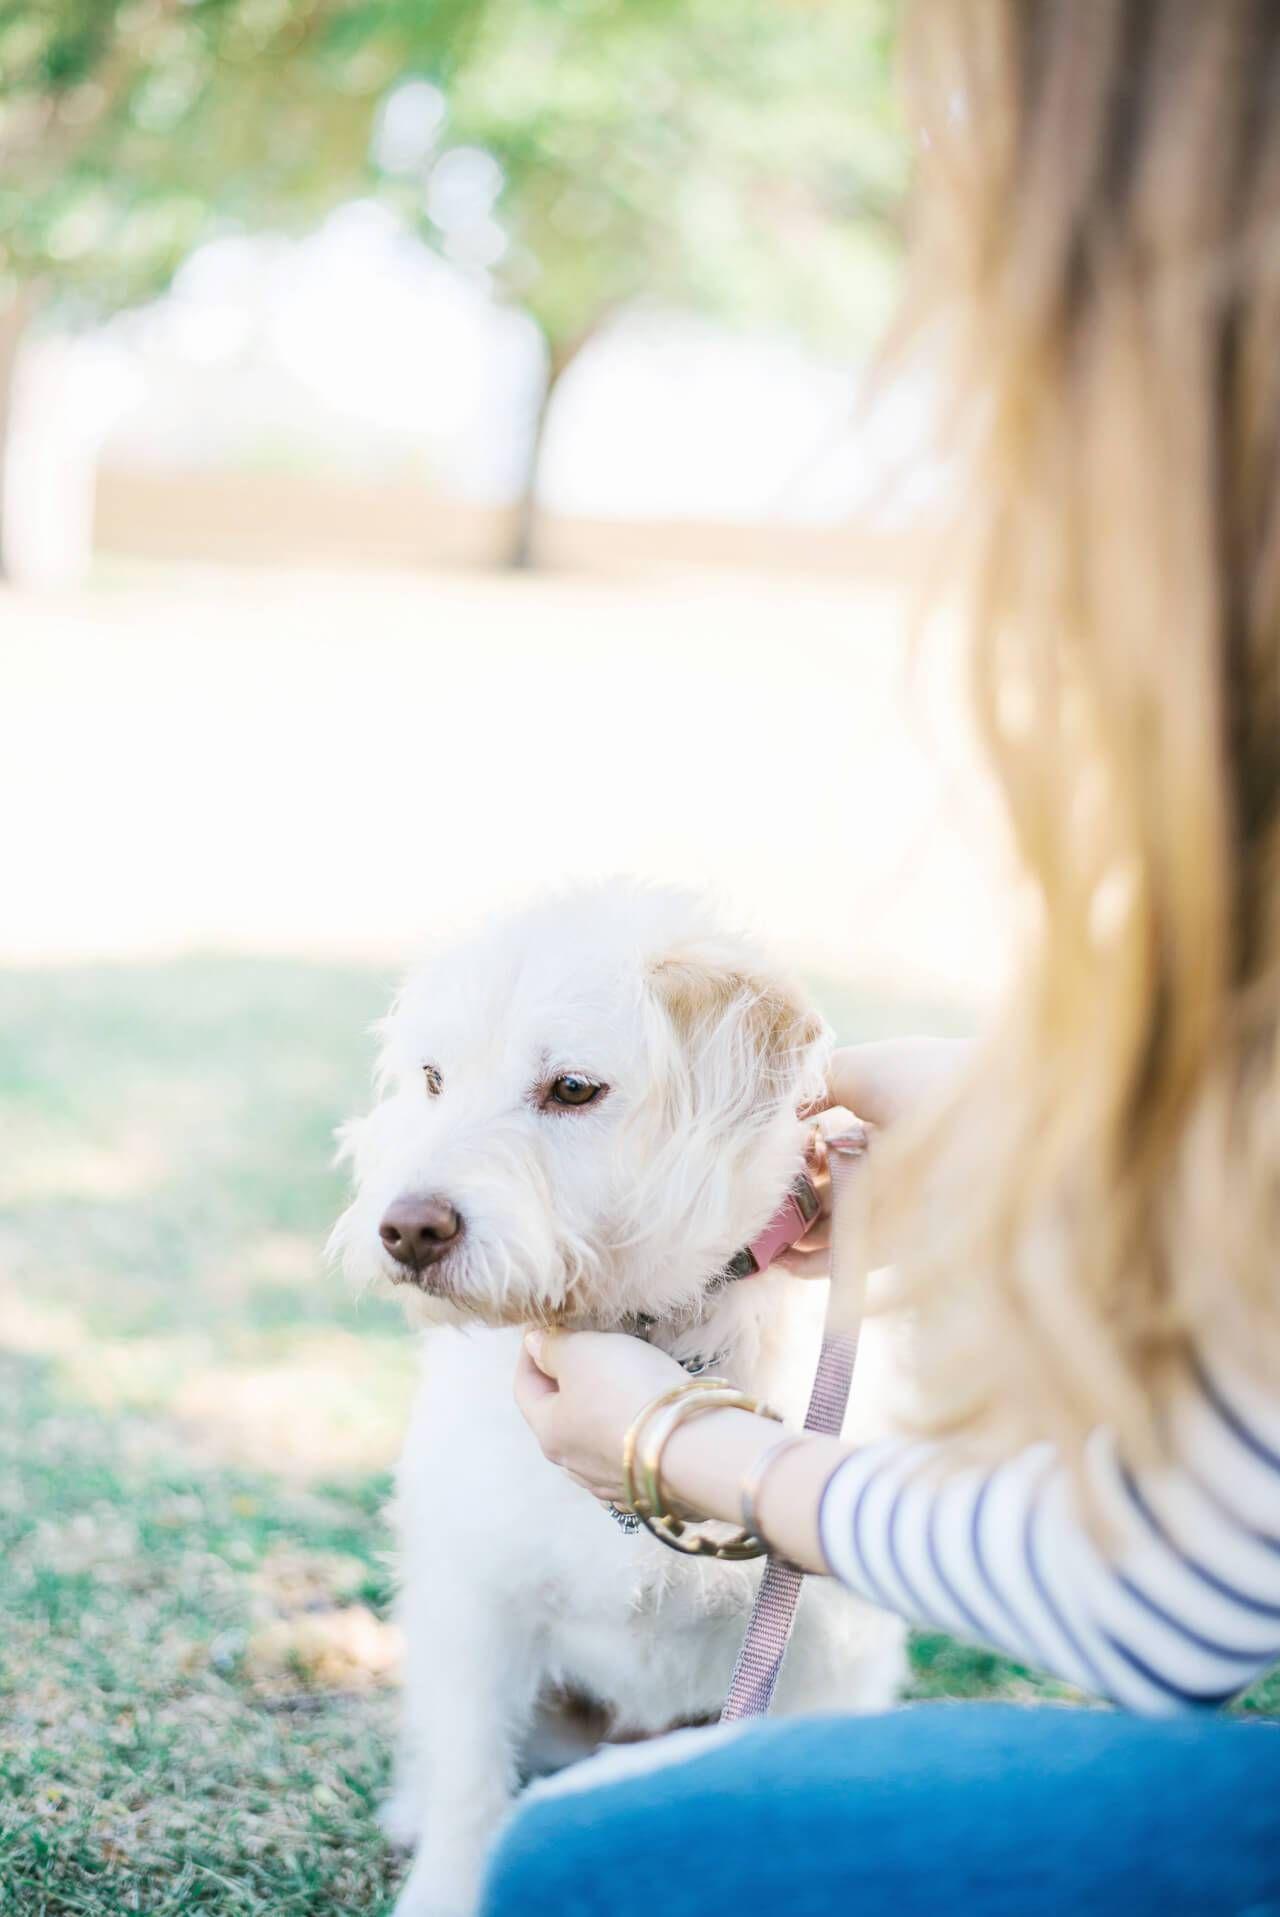 Ginger, a terrier retriever mix dog